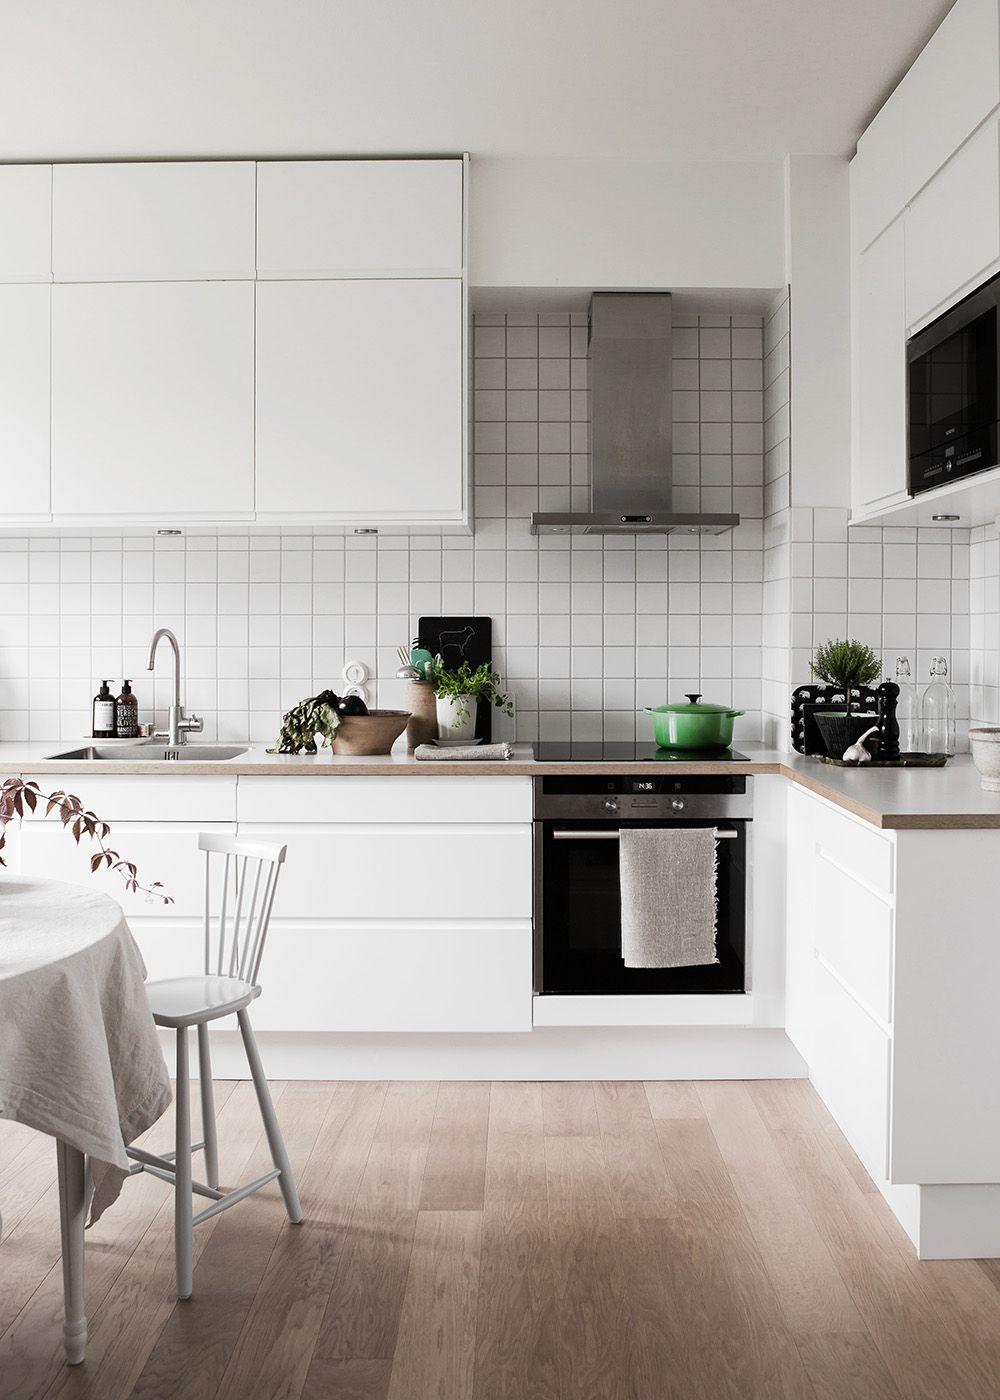 Plus de 1000 idées à propos de Cuisines // Kitchens sur Pinterest ...